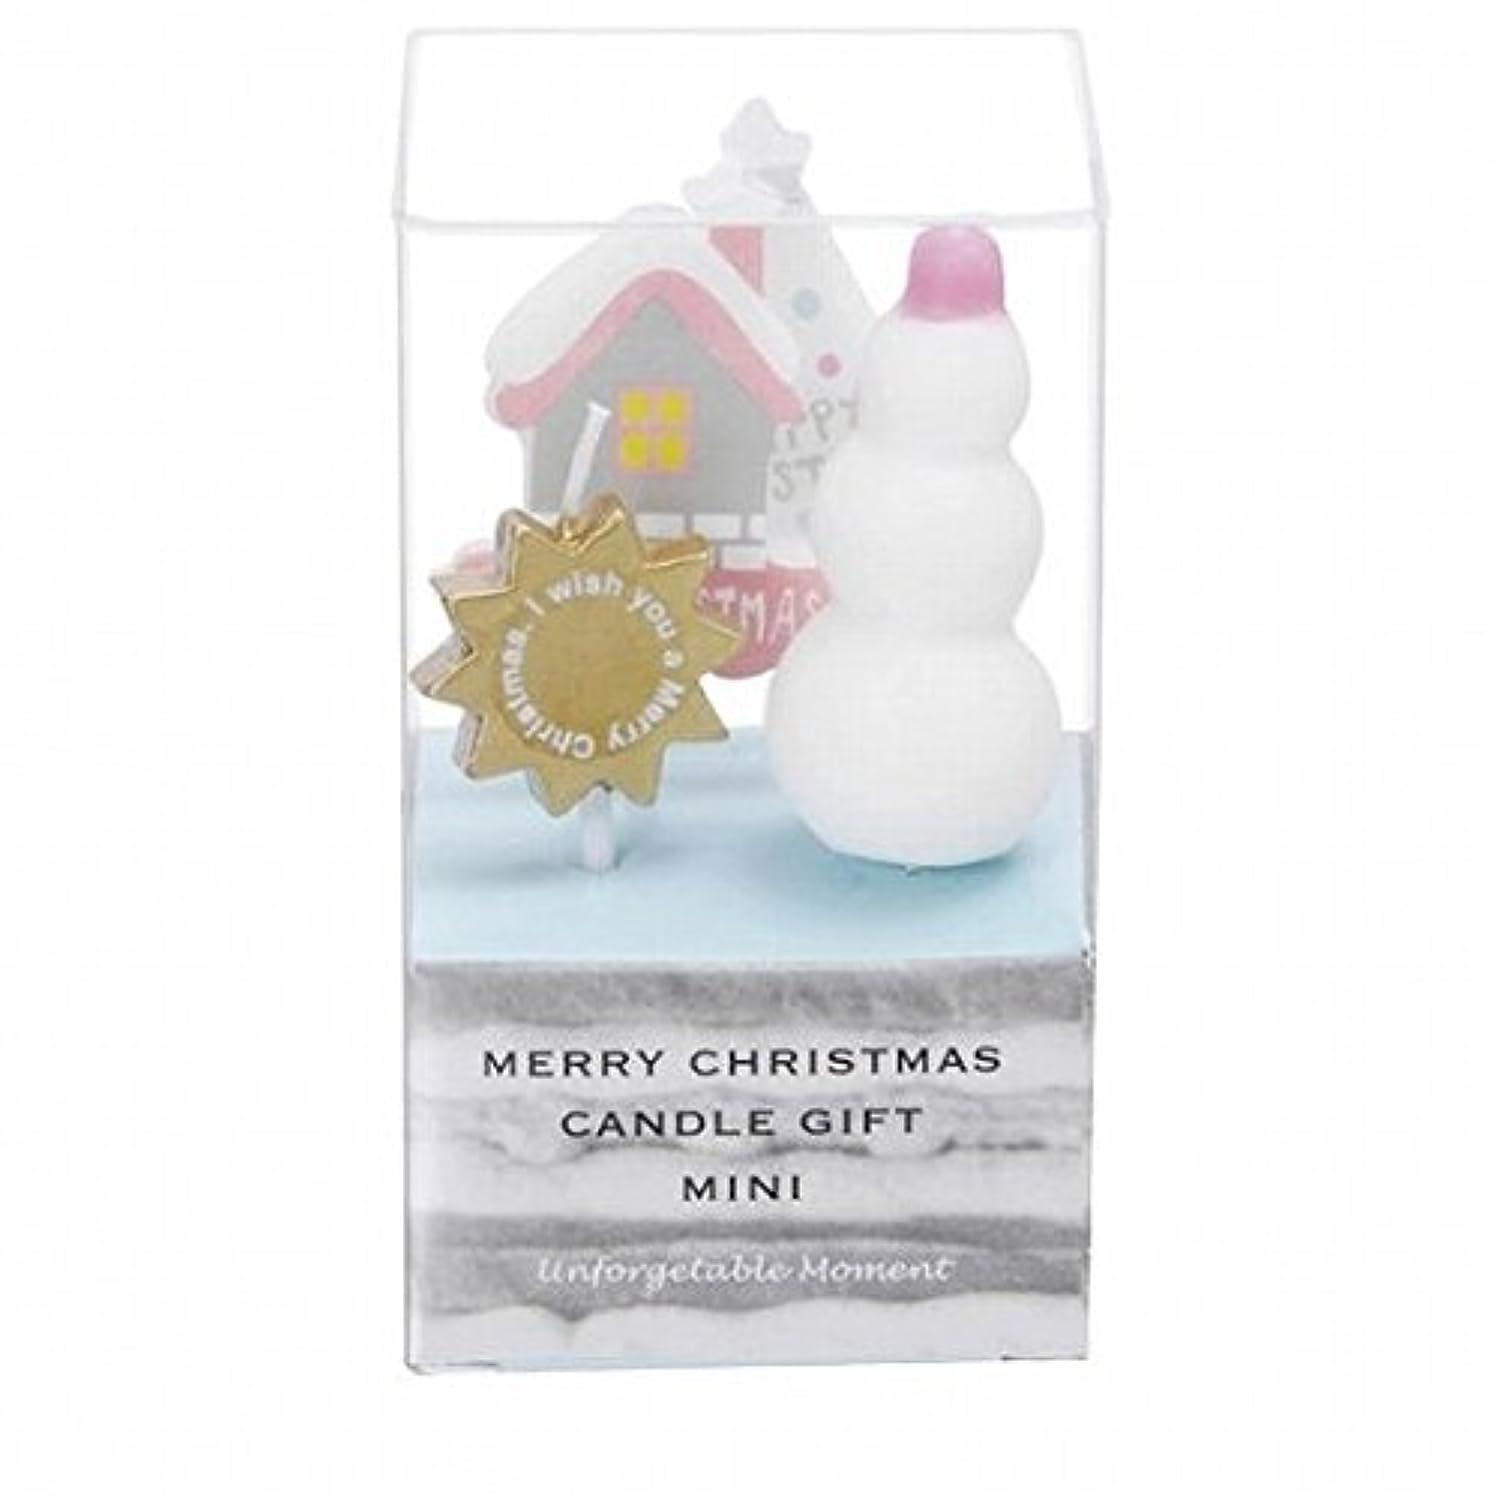 広範囲に分子刺繍kameyama candle(カメヤマキャンドル) クリスマスキャンドルギフトミニ 「 B 」(55350050)